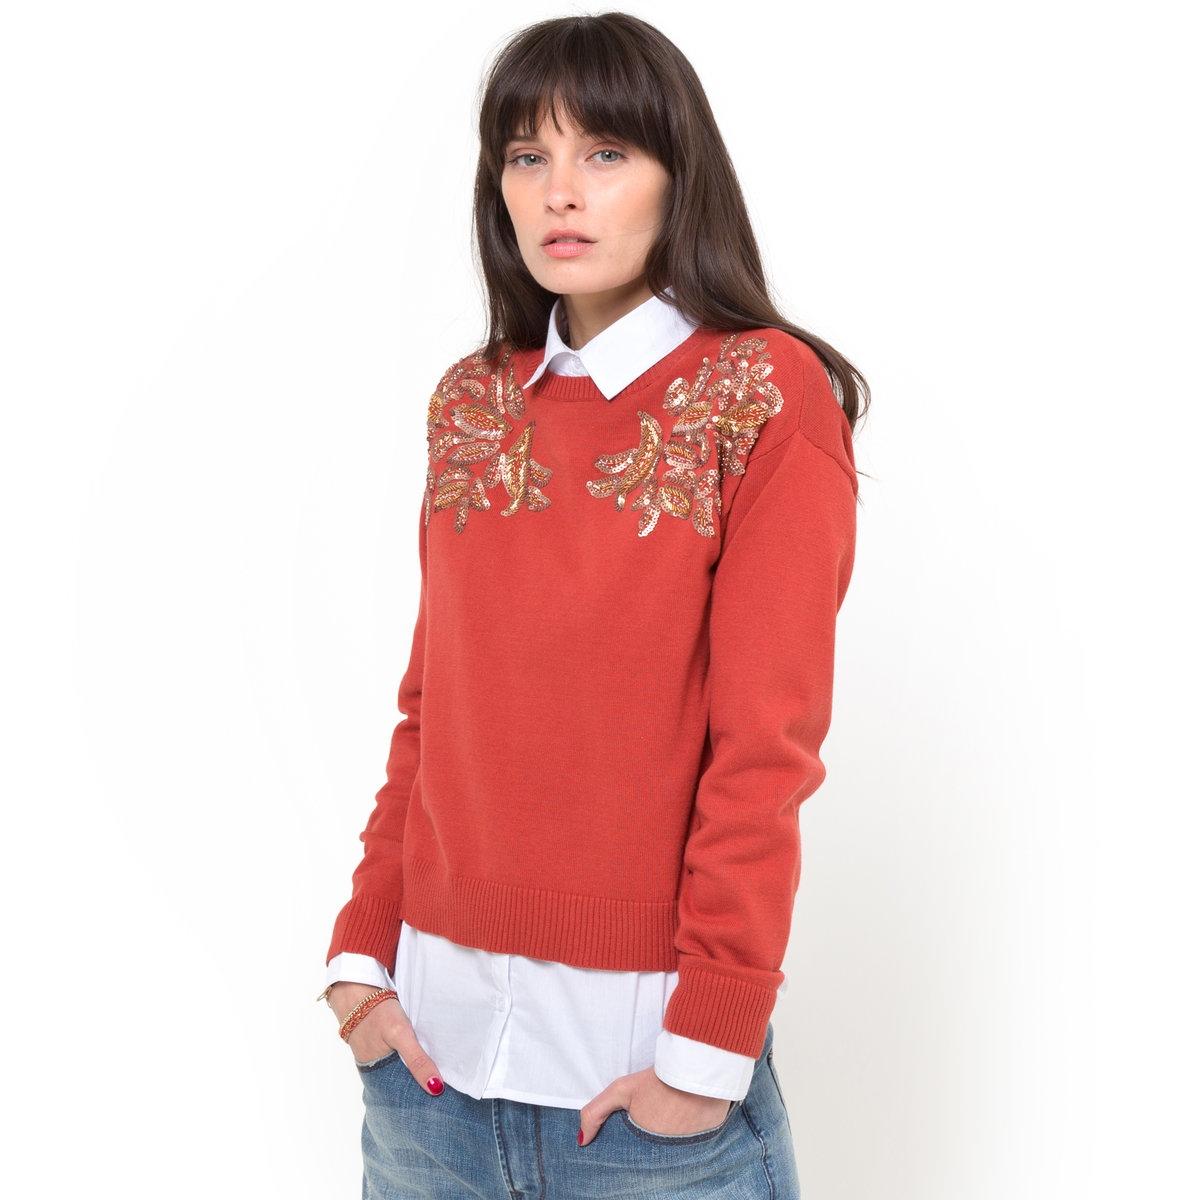 Пуловер с пайеткамиПуловер из 100% хлопка. Пайетки и бусины украшают плечи. Длинные рукава. Круглый вырез. Длина 52 см.<br><br>Цвет: оранжевый<br>Размер: 34/36 (FR) - 40/42 (RUS)